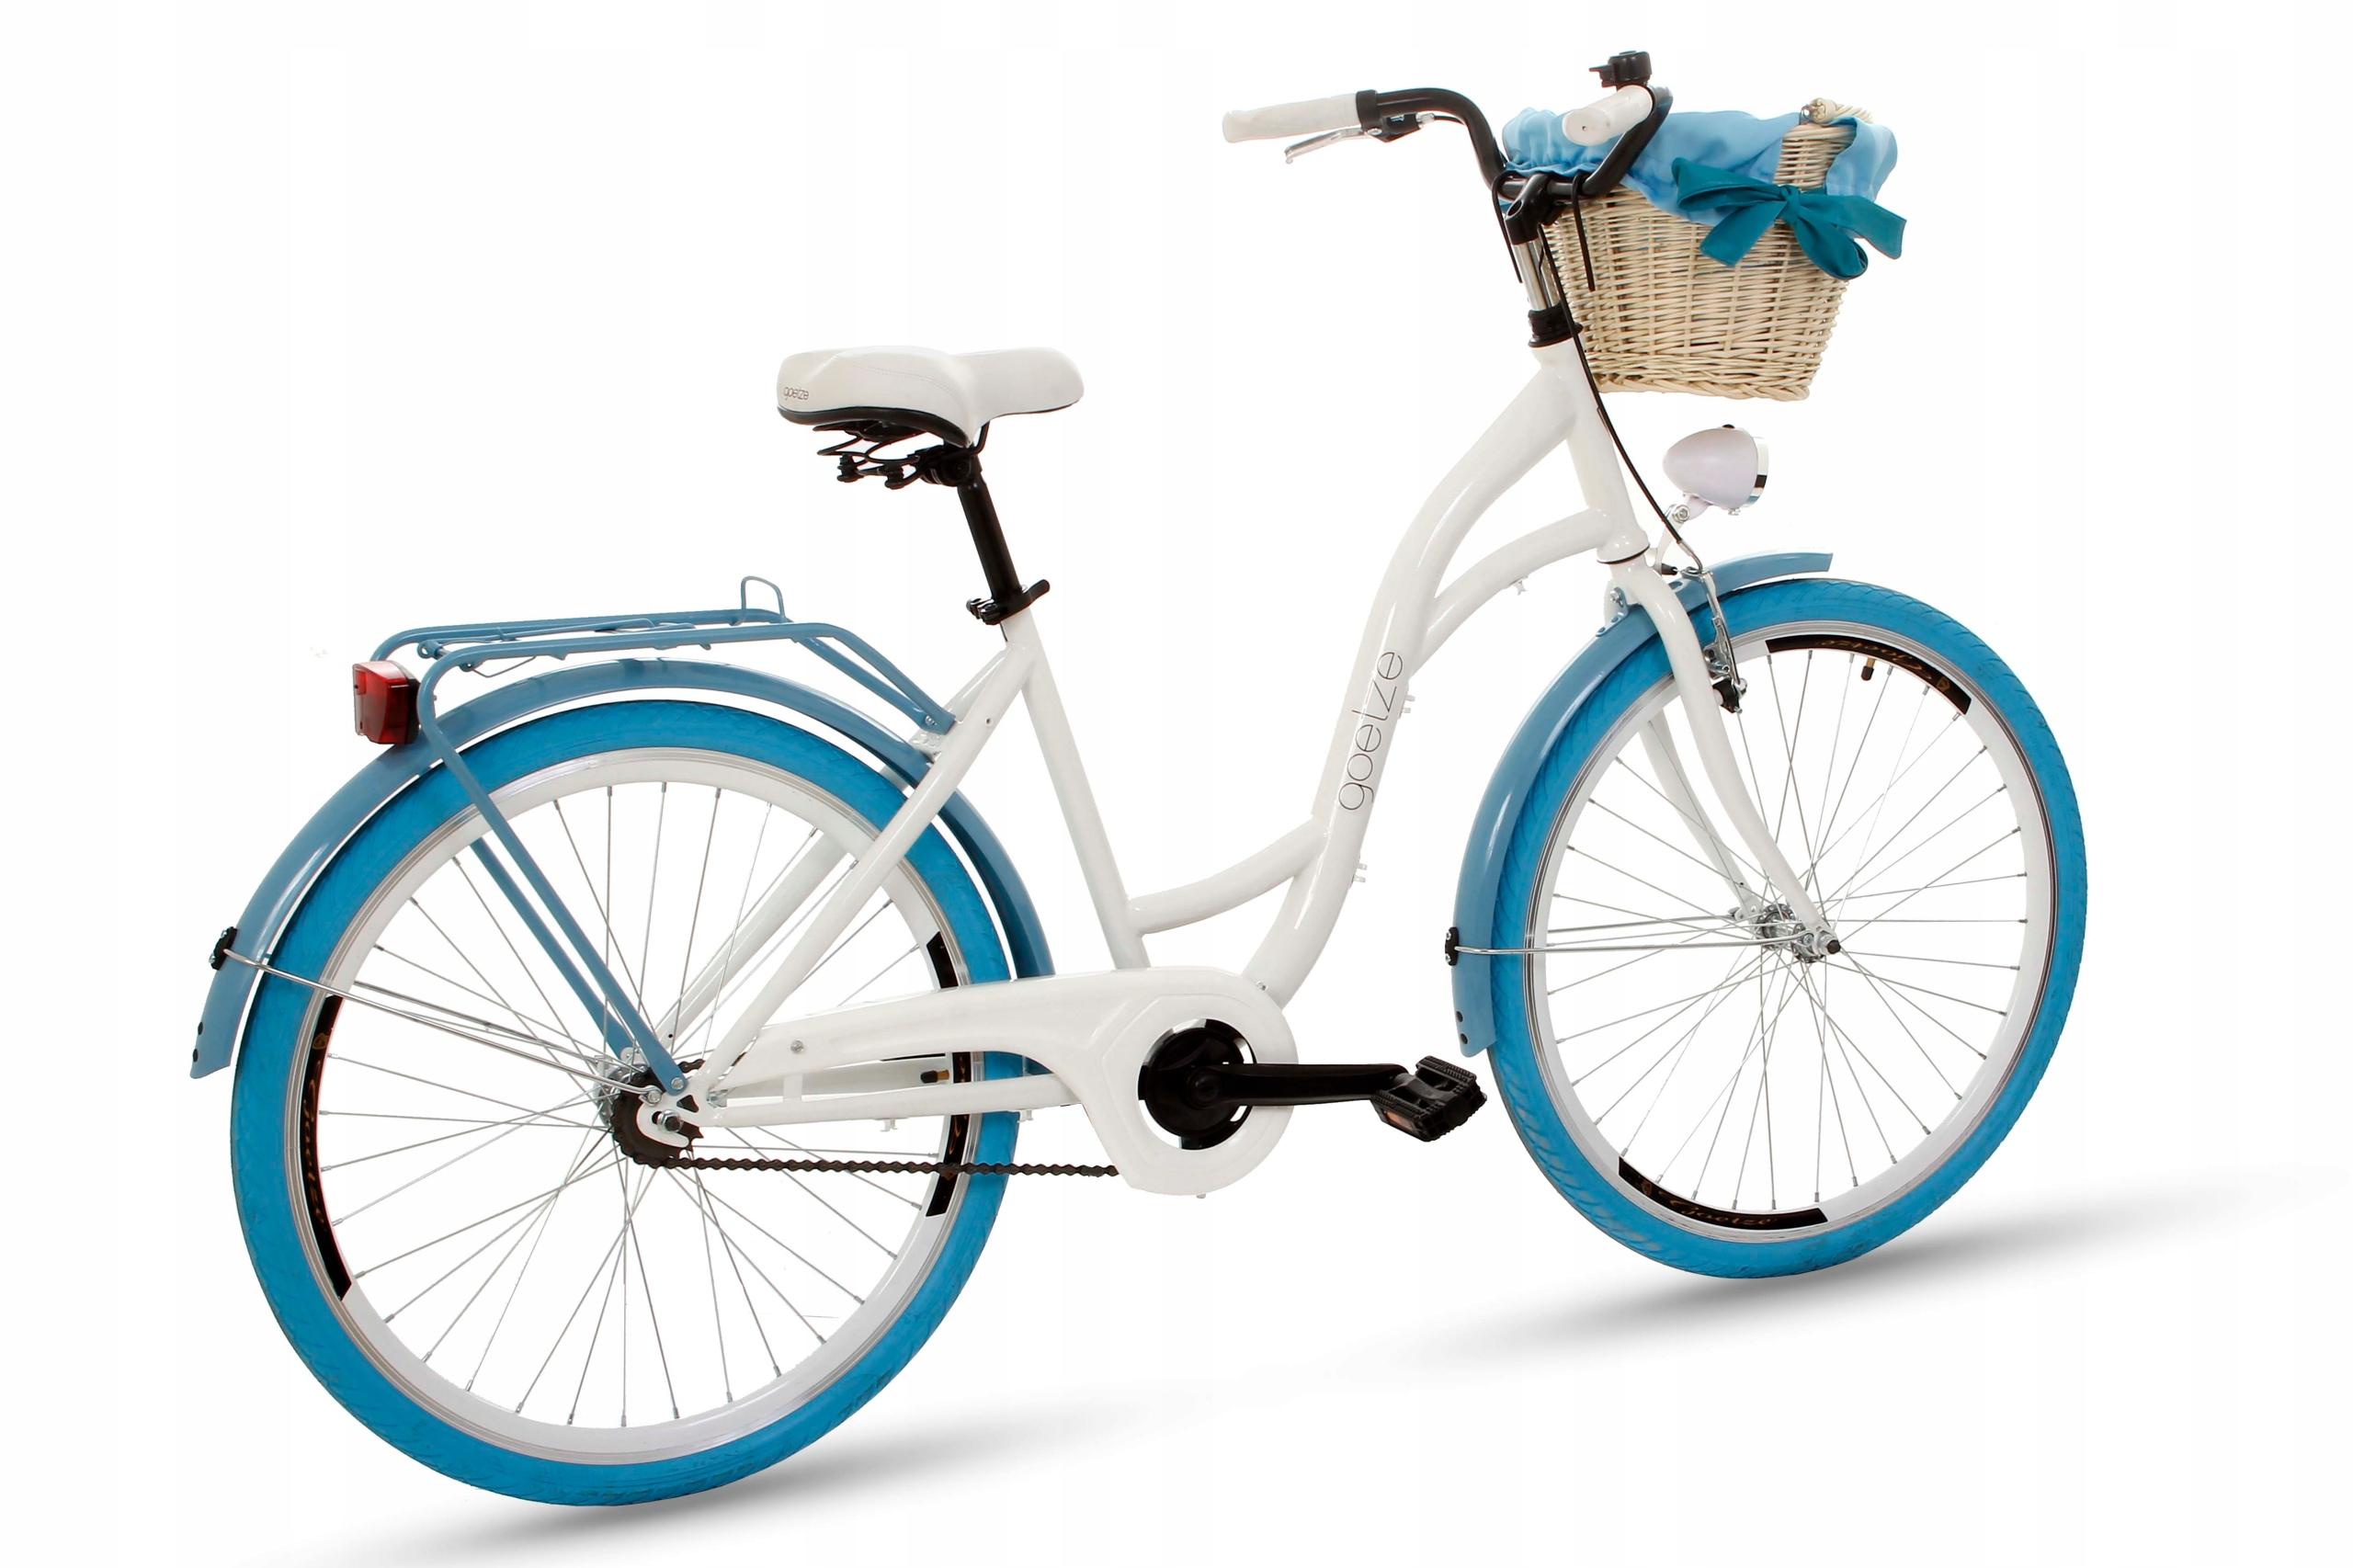 Dámsky mestský bicykel Goetze COLORS 26 košík!  Materiál rámu oceľ